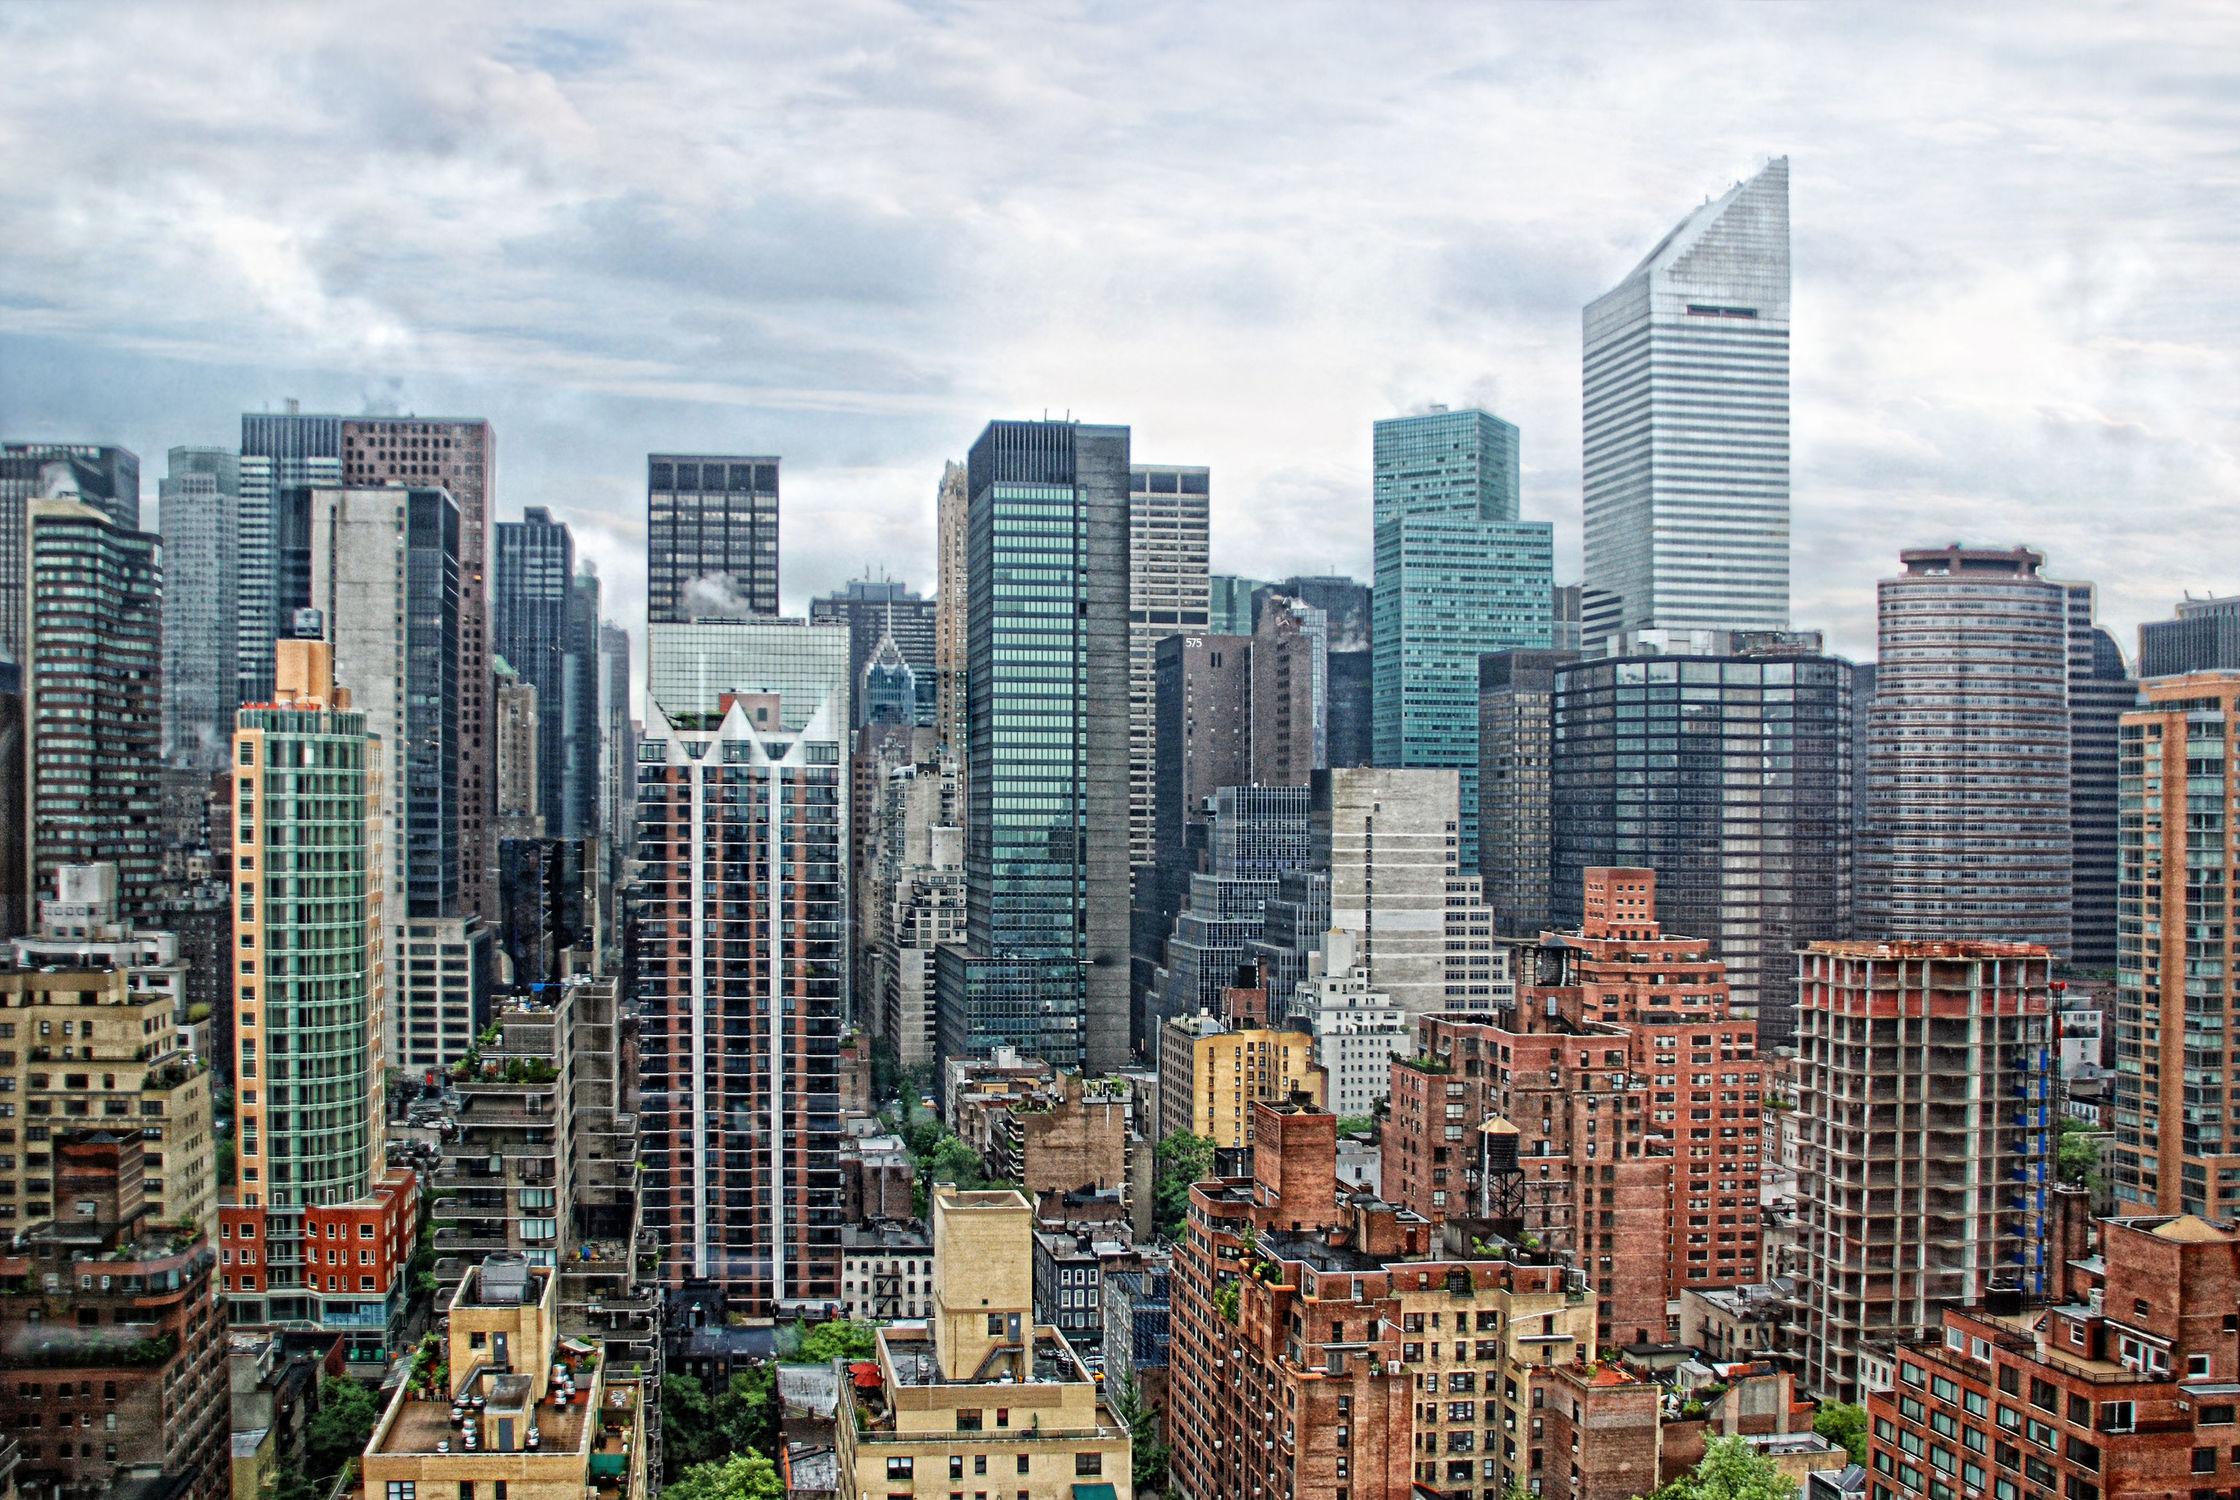 Bild mit Autos, Architektur, Straßen, Stadt, New York, Staedte und Architektur, USA, hochhaus, wolkenkratzer, Straße, Hochhäuser, Manhattan, Brooklyn Bridge, Yellow cab, taxi, Taxis, New York City, NYC, Gelbe Taxis, yellow cabs, Midtown Manhatten, Megacity